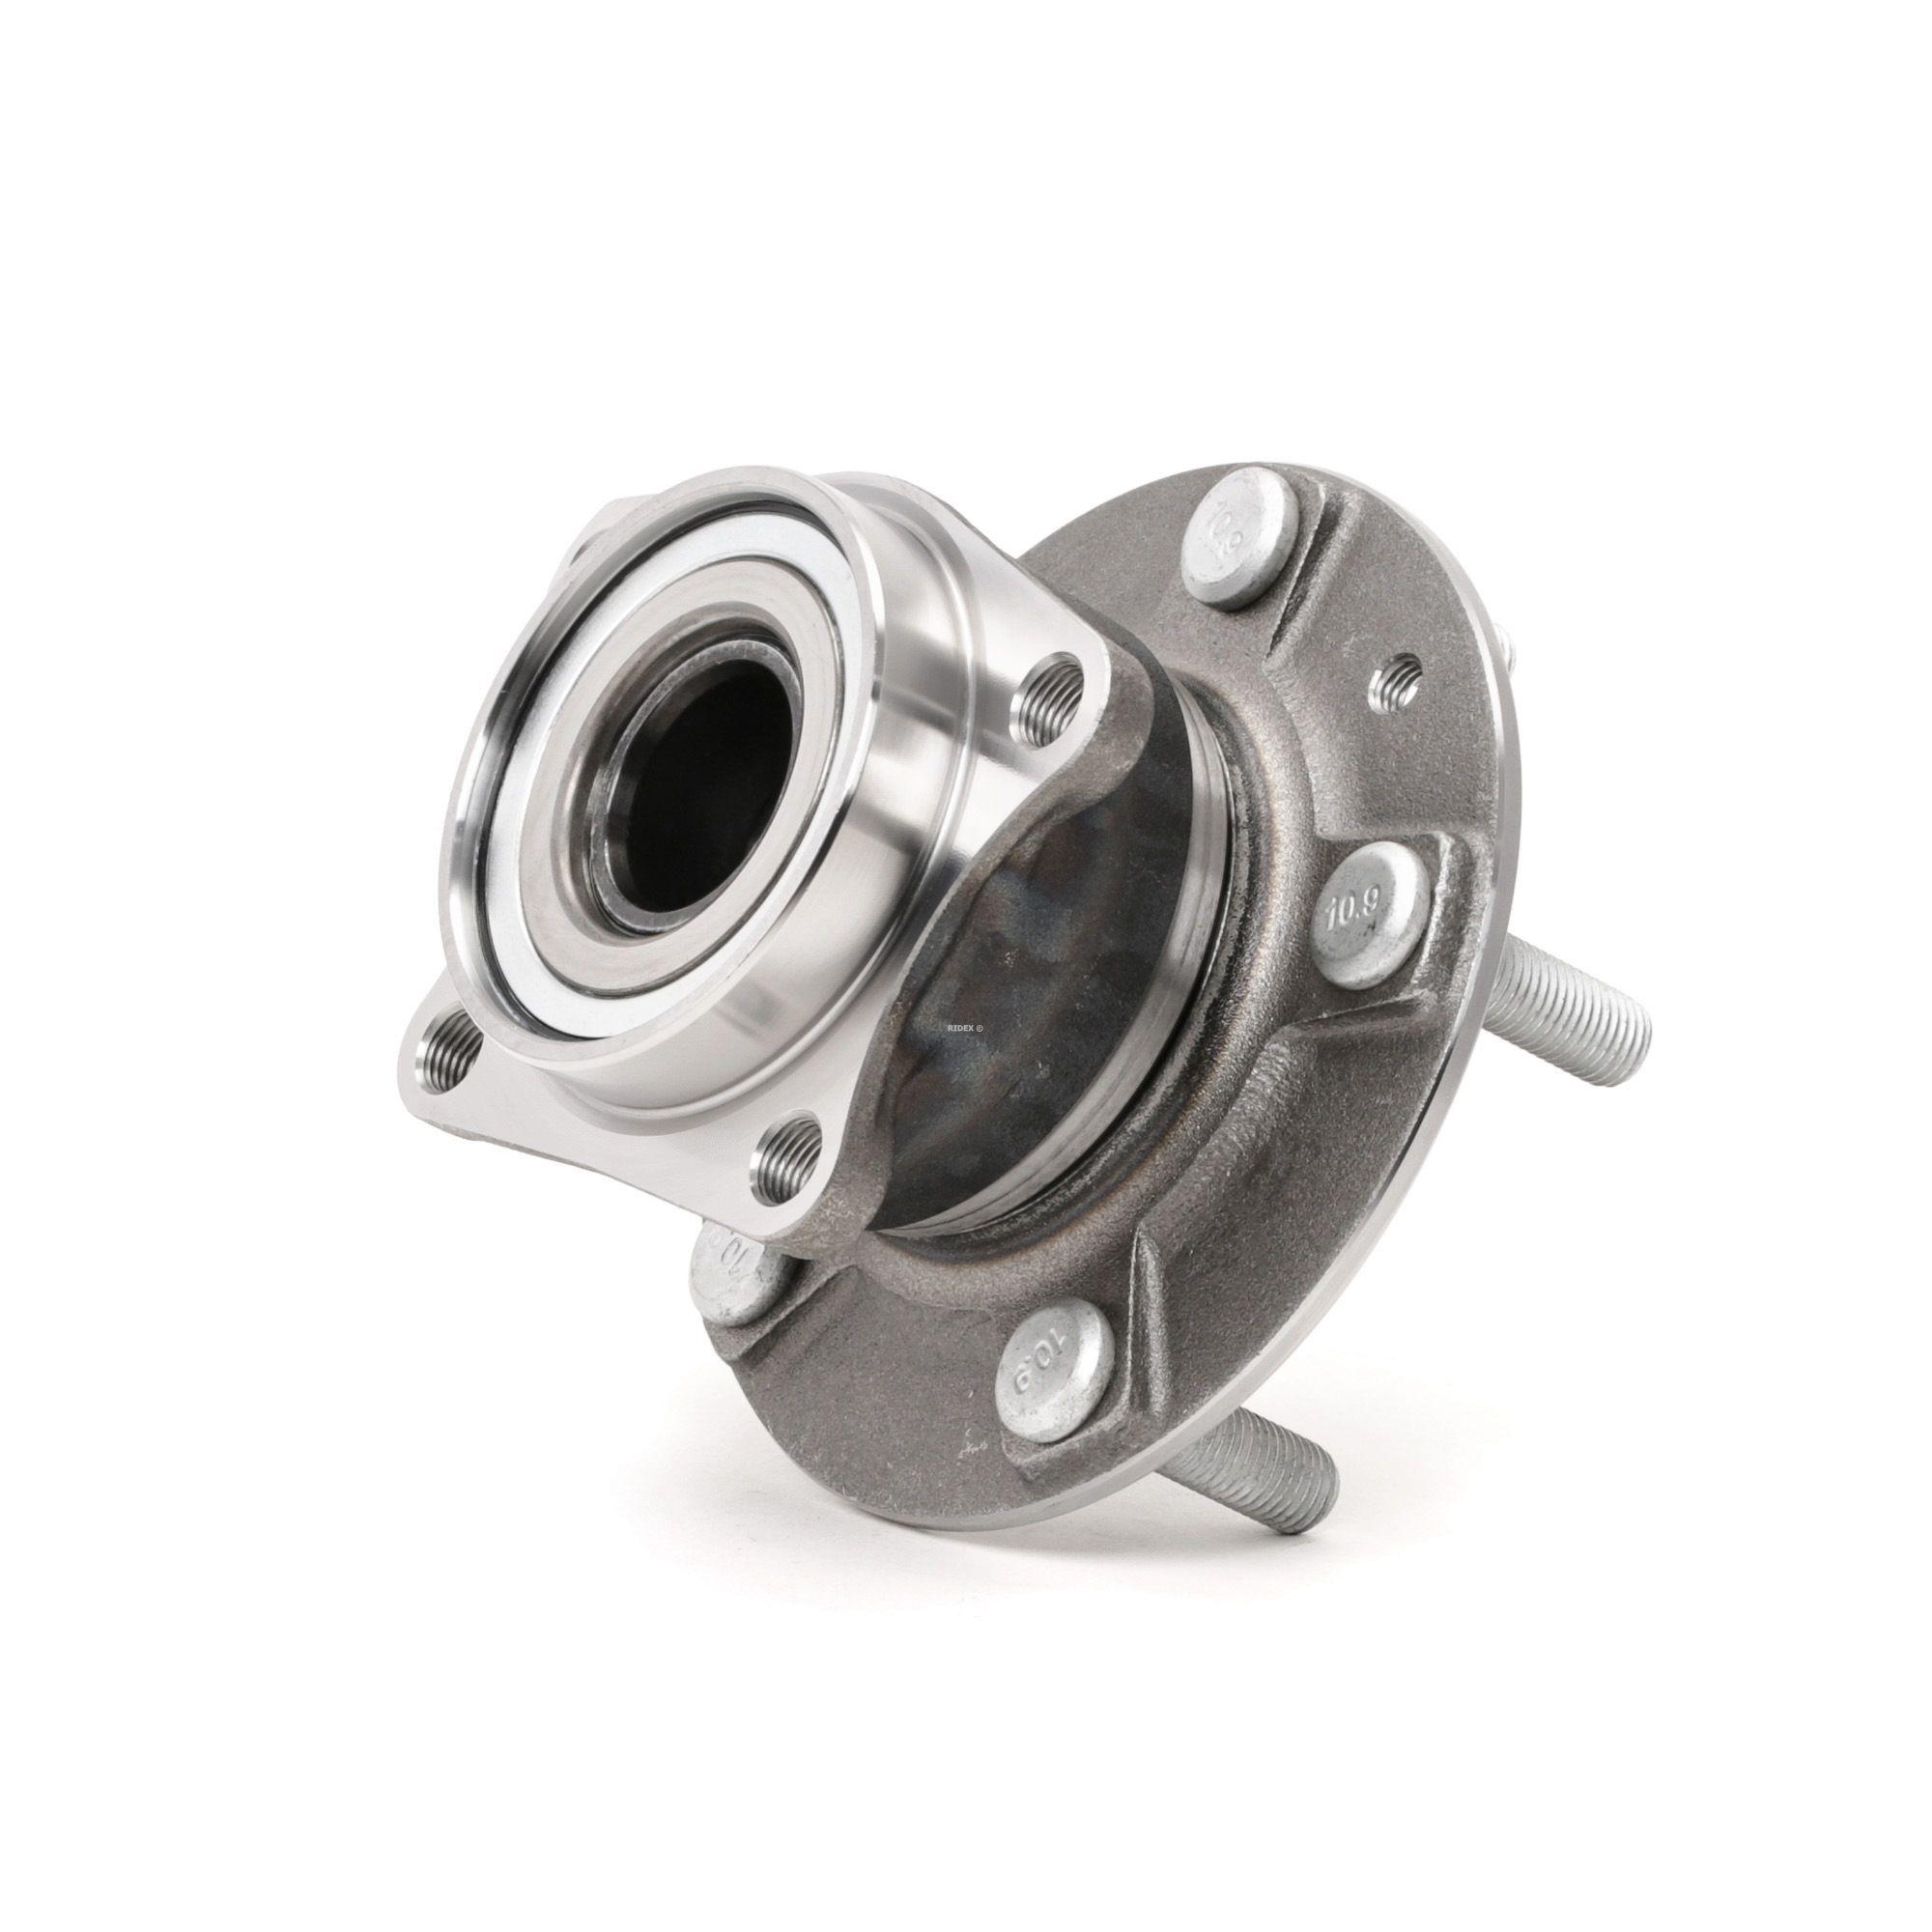 654W0658 RIDEX Ø: 77.95mm, Innendurchmesser: 30.11mm Radlagersatz 654W0658 günstig kaufen